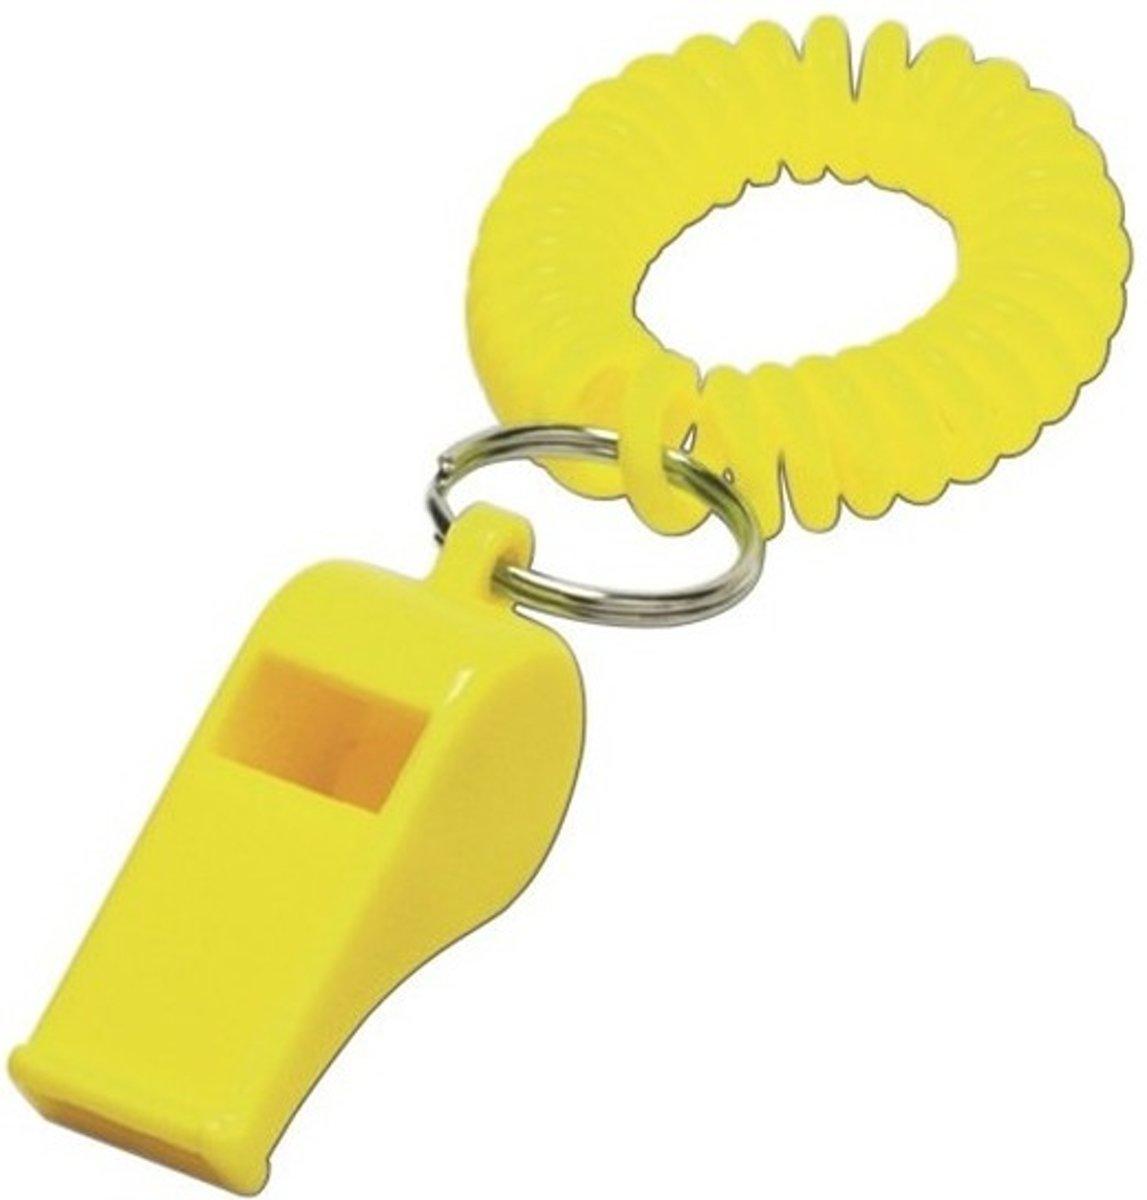 Geel fluitje aan polsbandje - Supporters/sportdag artikelen kopen